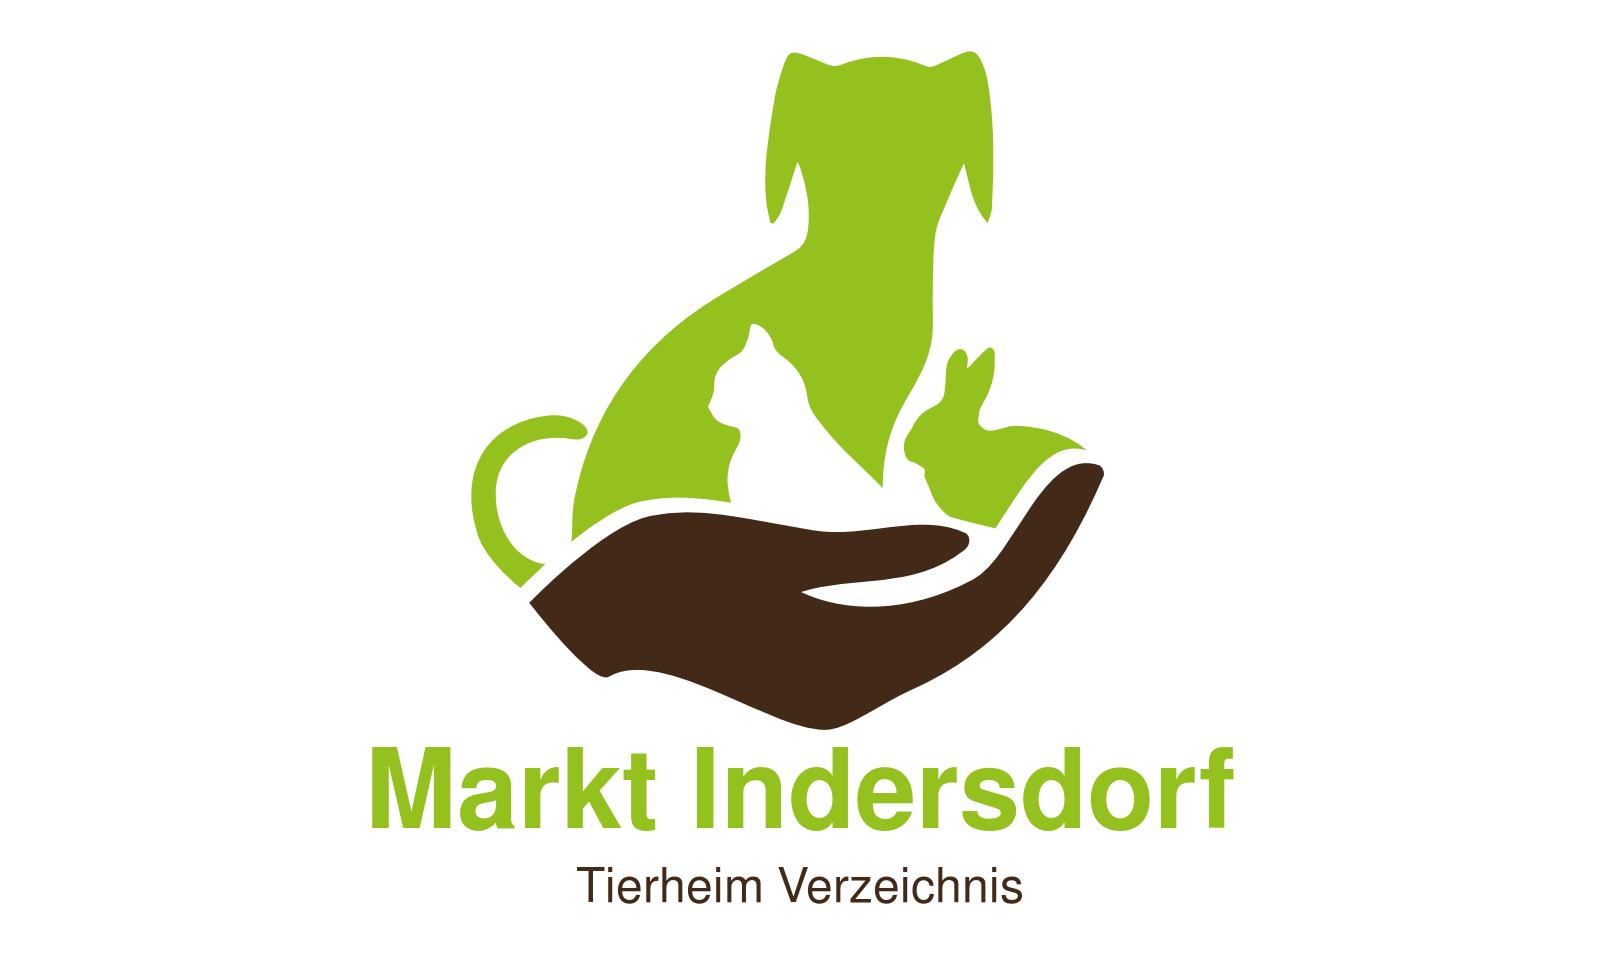 Tierheim Markt Indersdorf